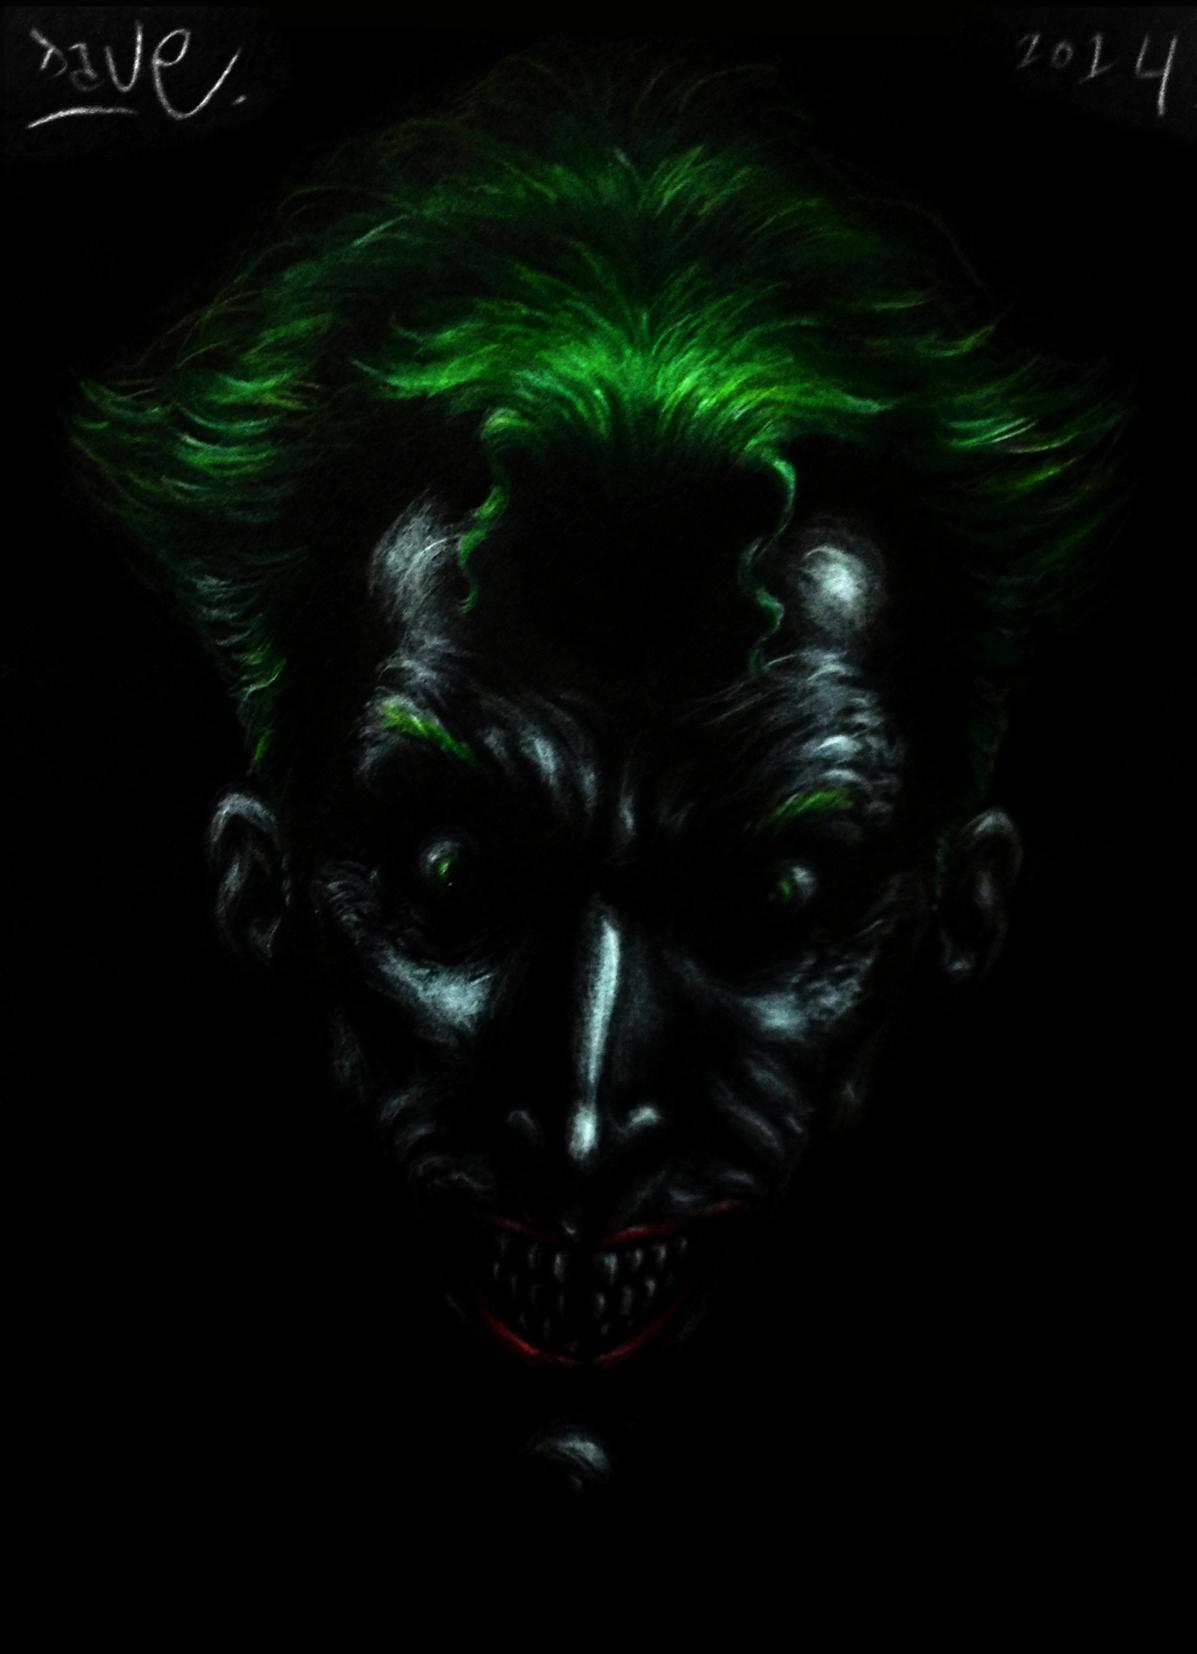 2014 - Black Arts - Joker: Darkness